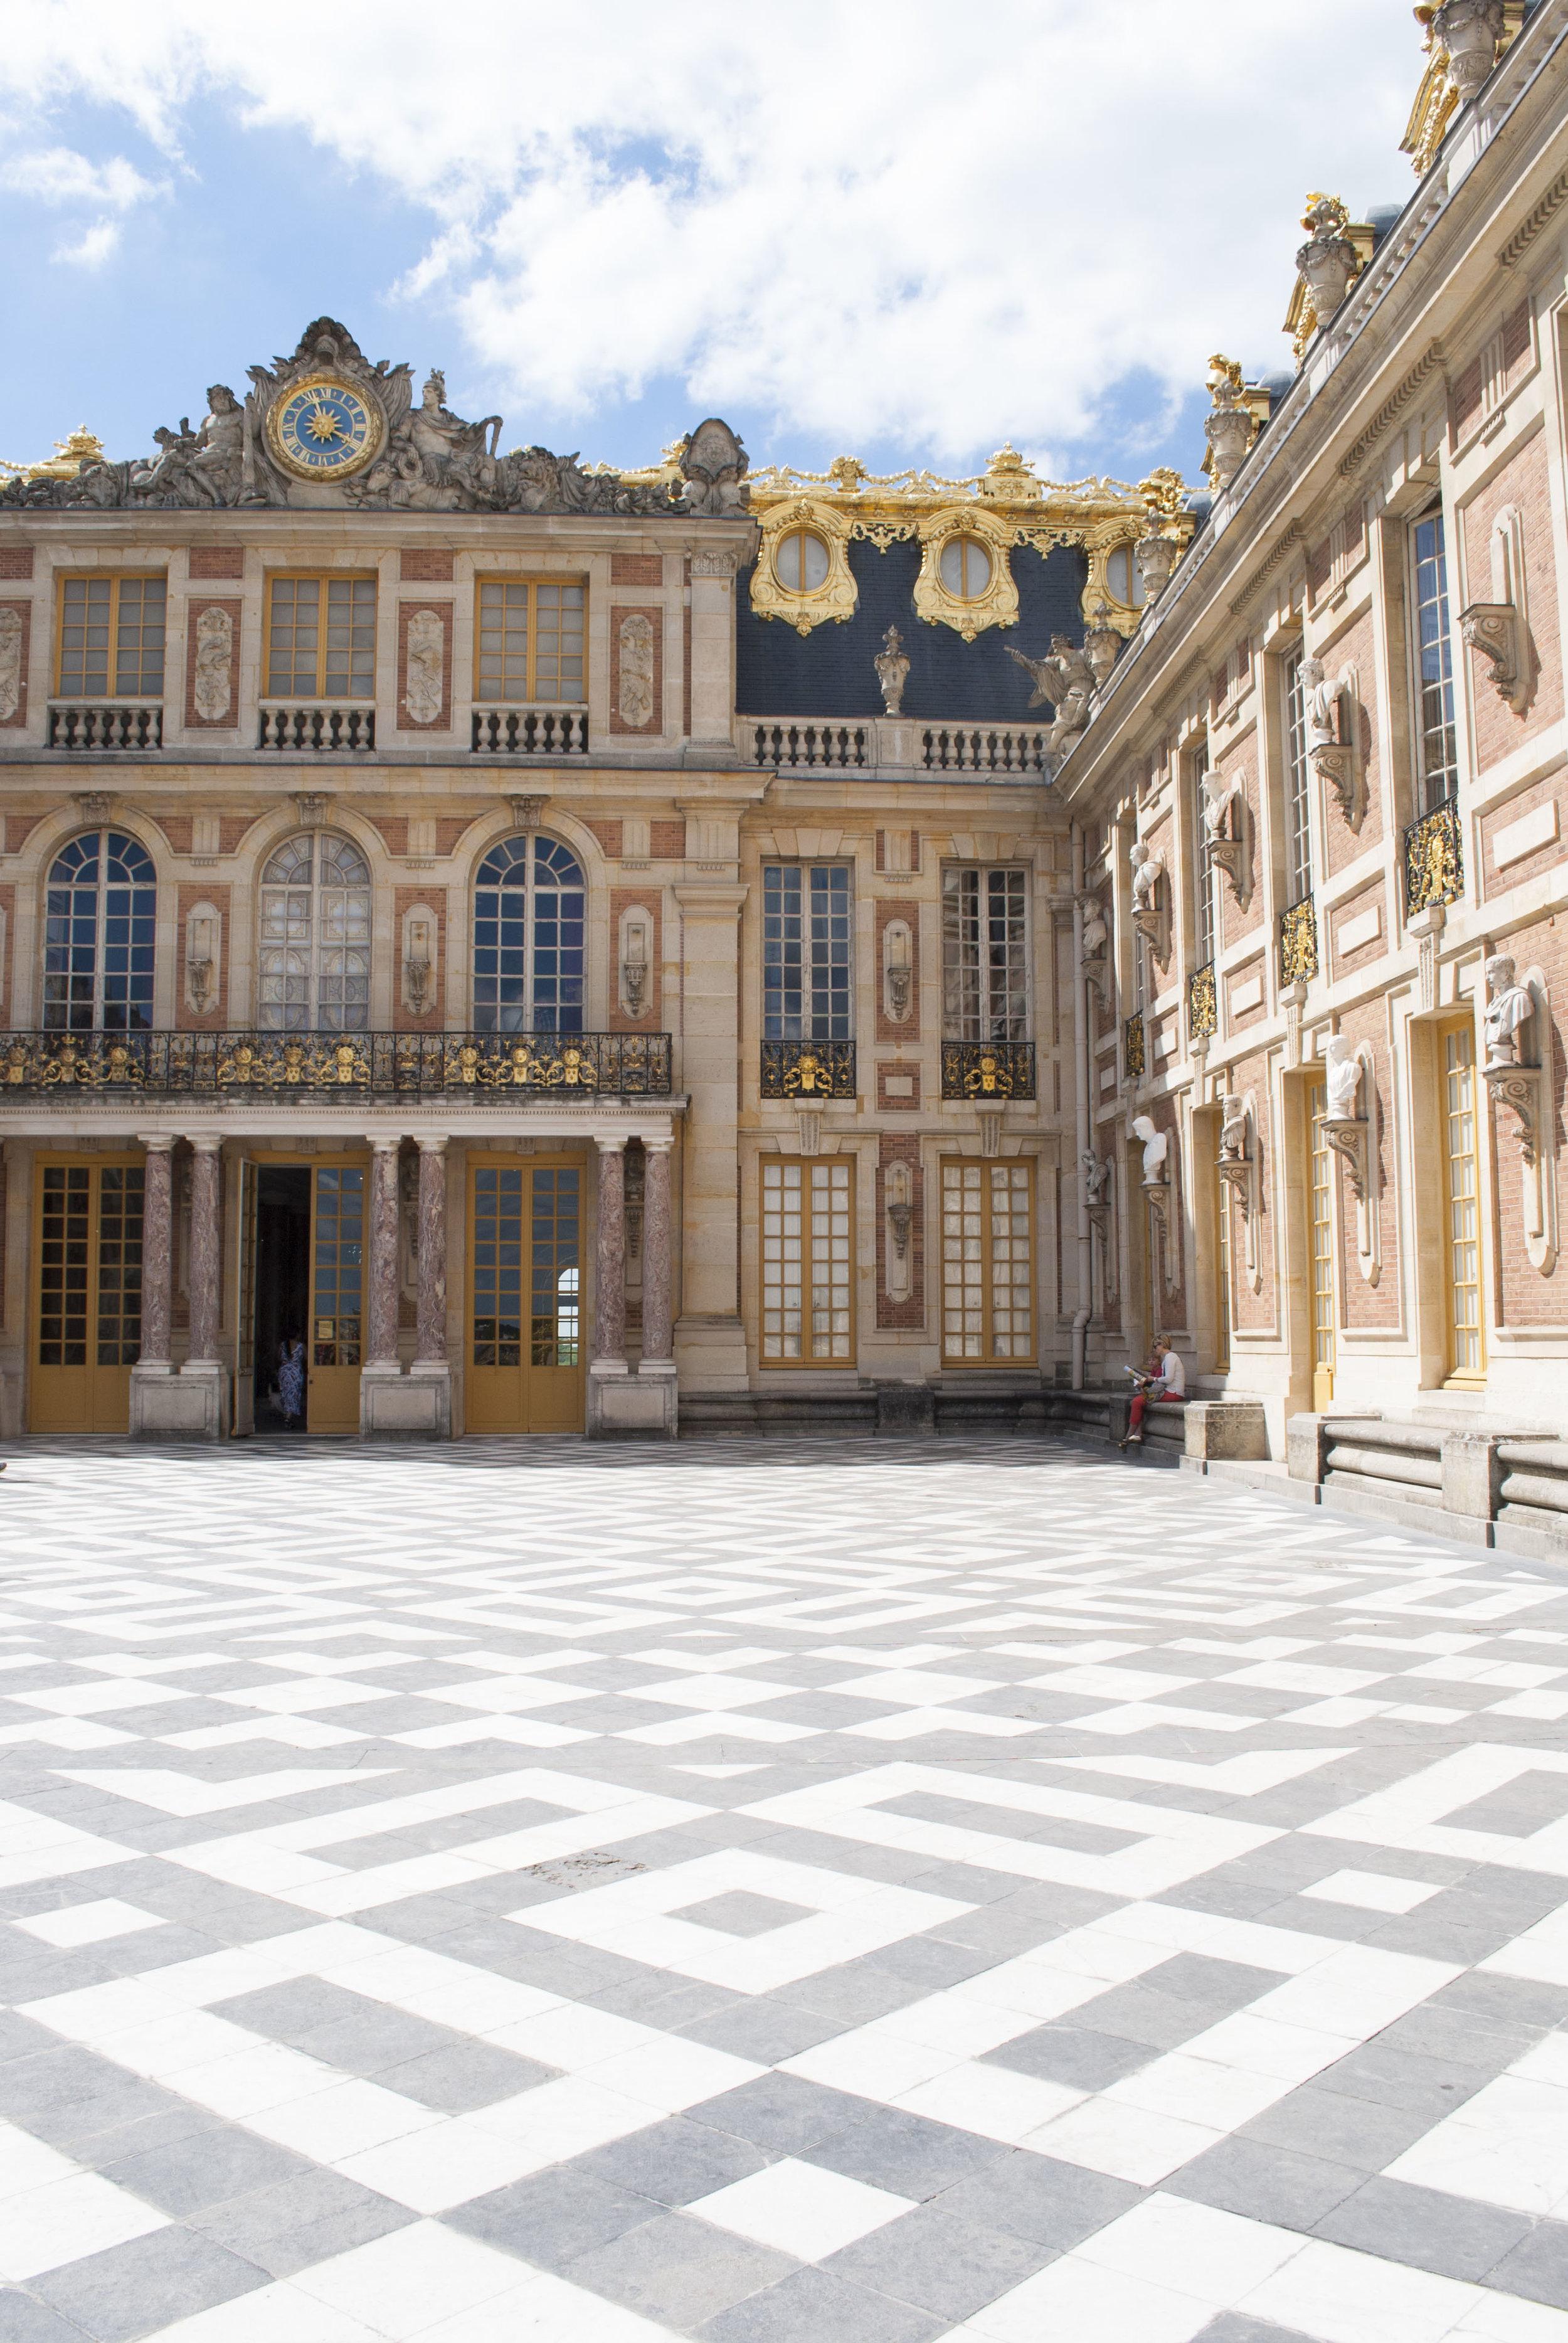 The entrance to Château de Versailles.